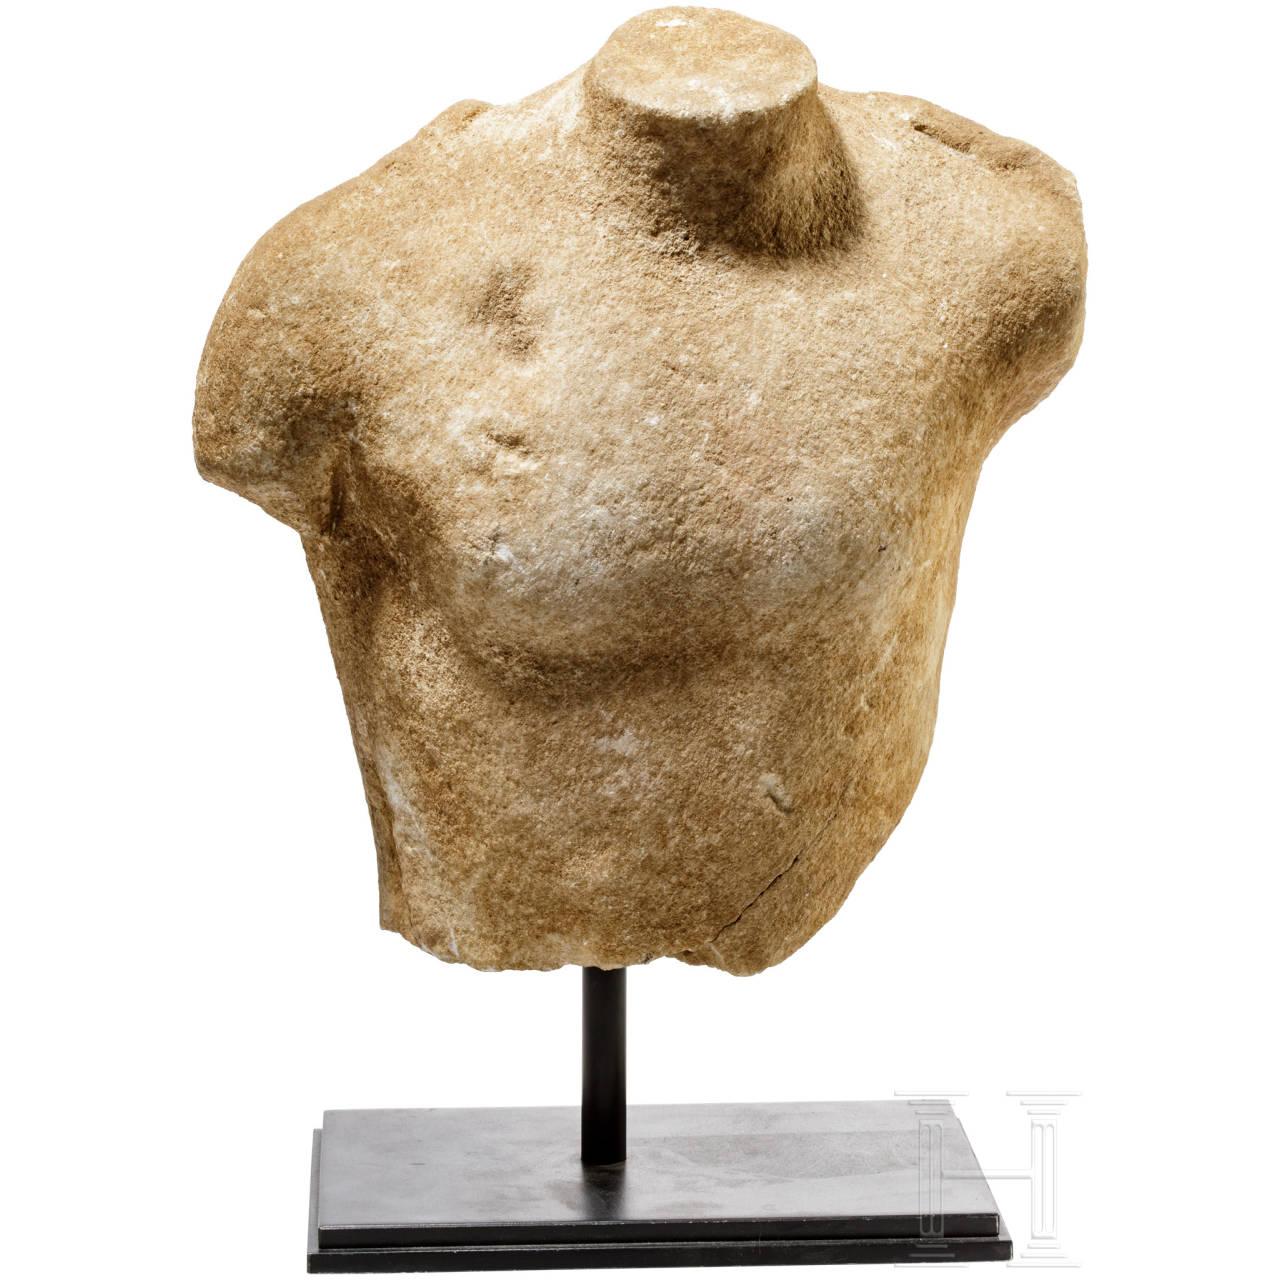 Marmortorso des Dionysos, Griechenland, frühes 5. Jhdt. v. Chr.